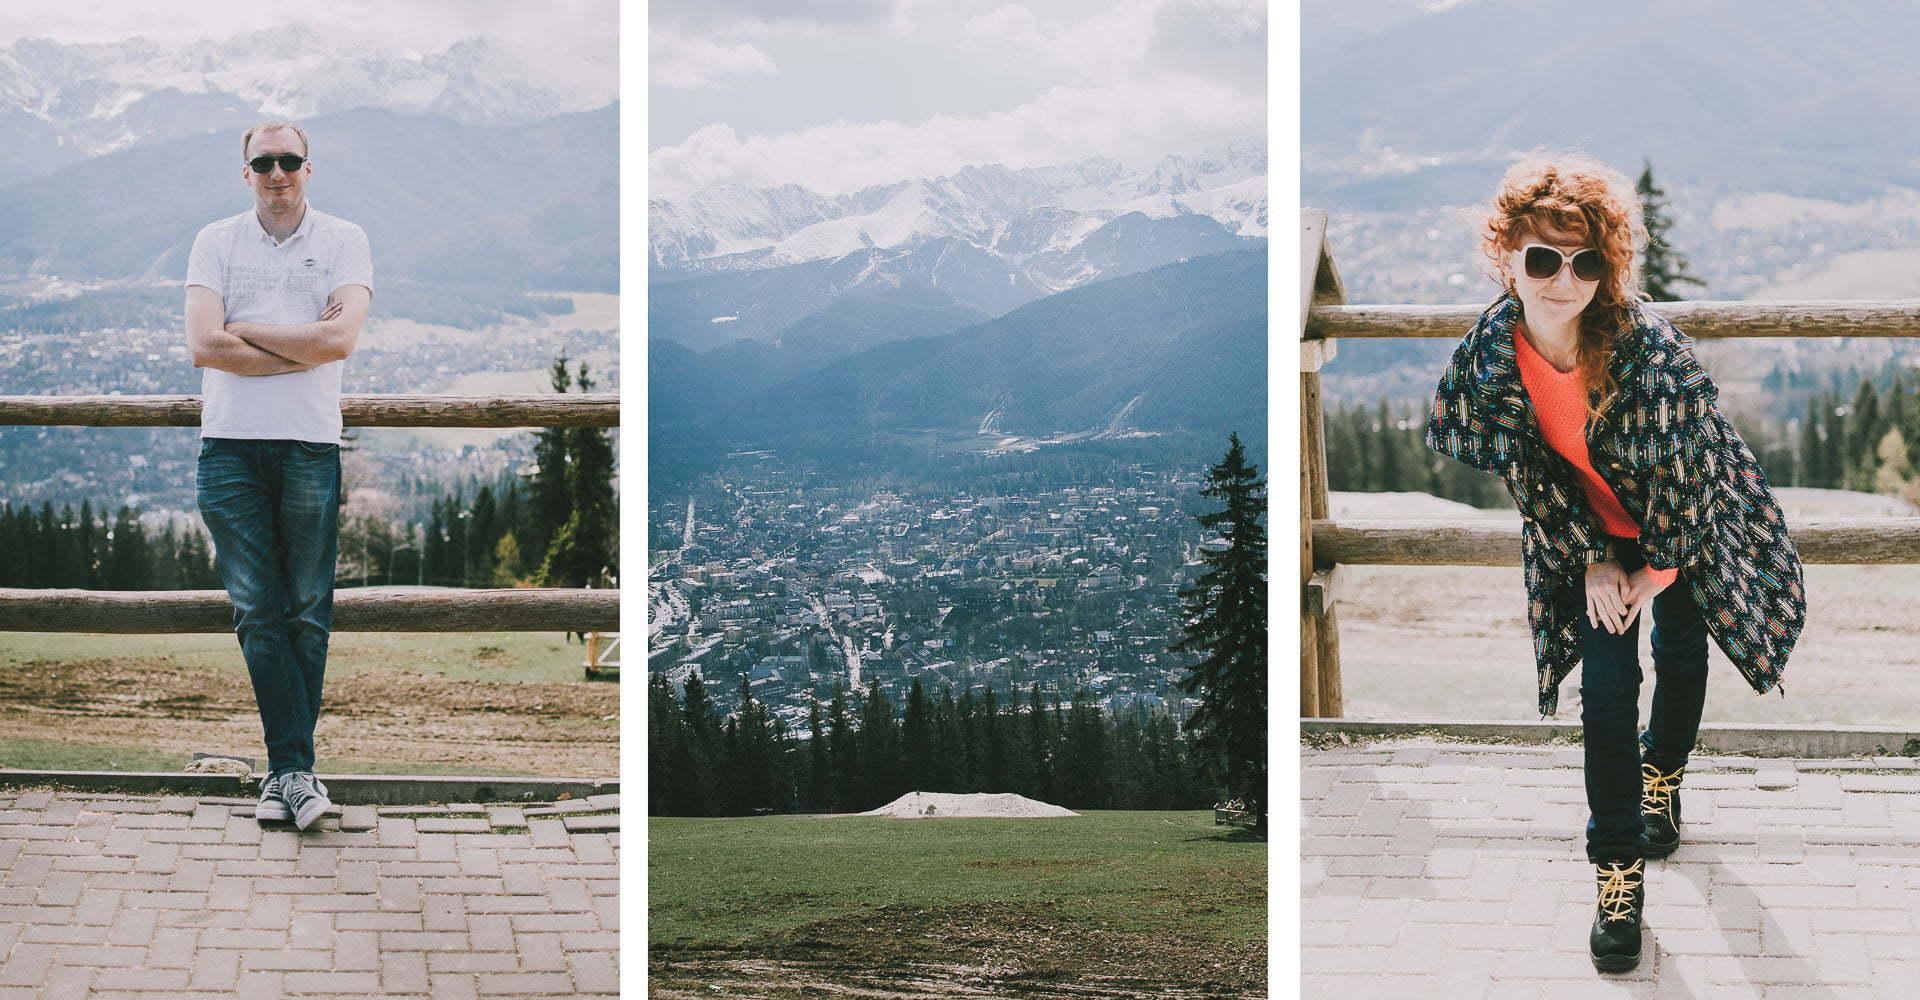 Wielkanoc wpolskich górach - Gubałwówka